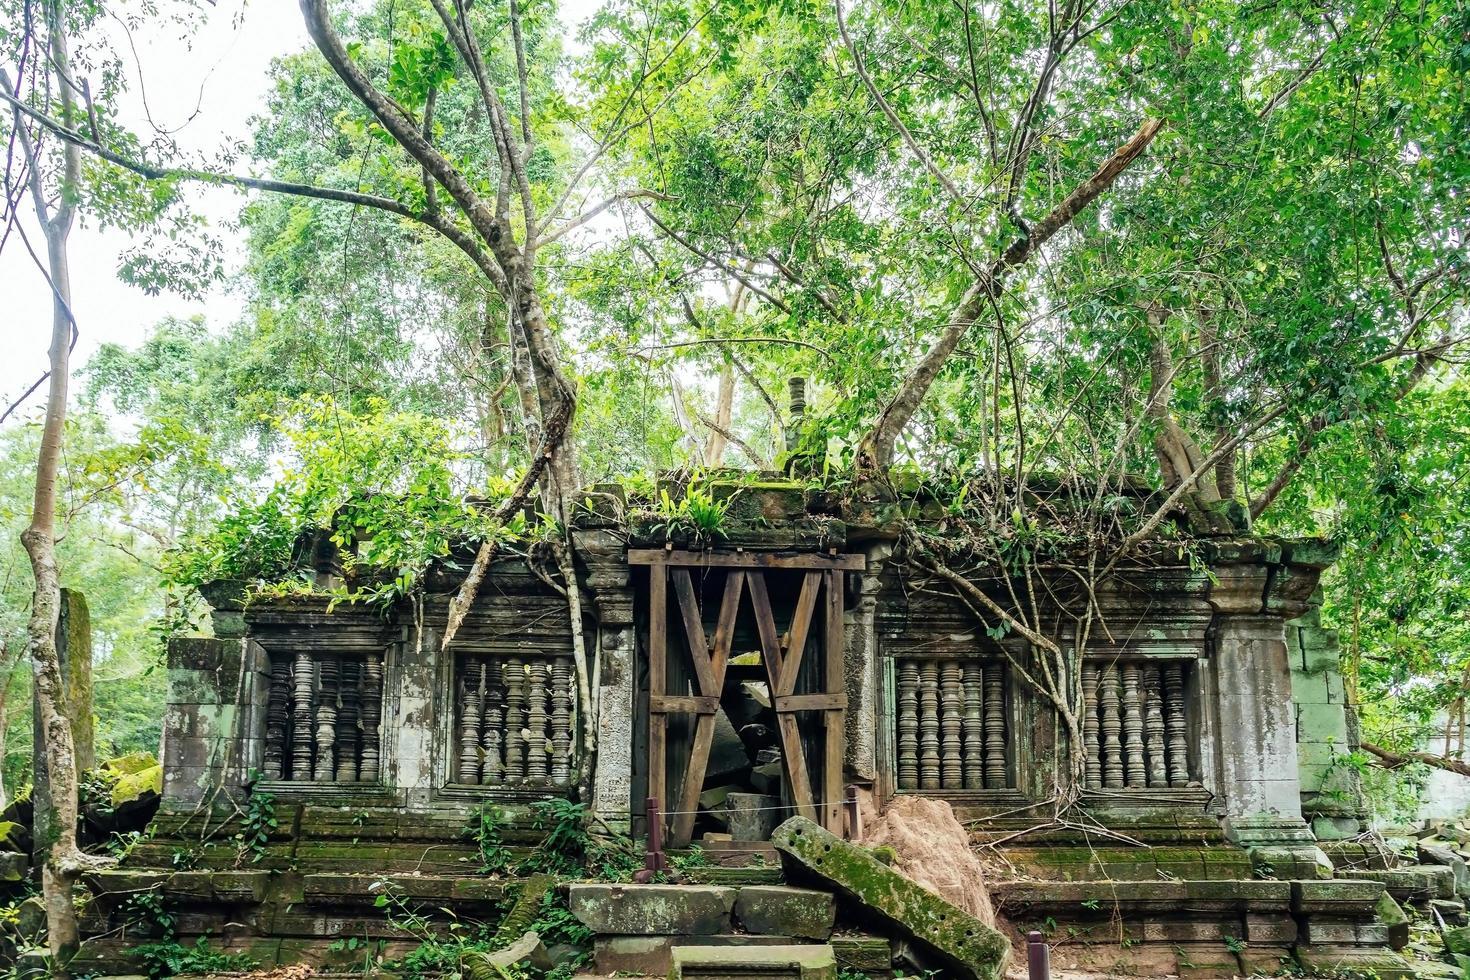 Beng Mealea Tempel Ruinen mitten im Wald, Siem Reap, Kambodscha foto